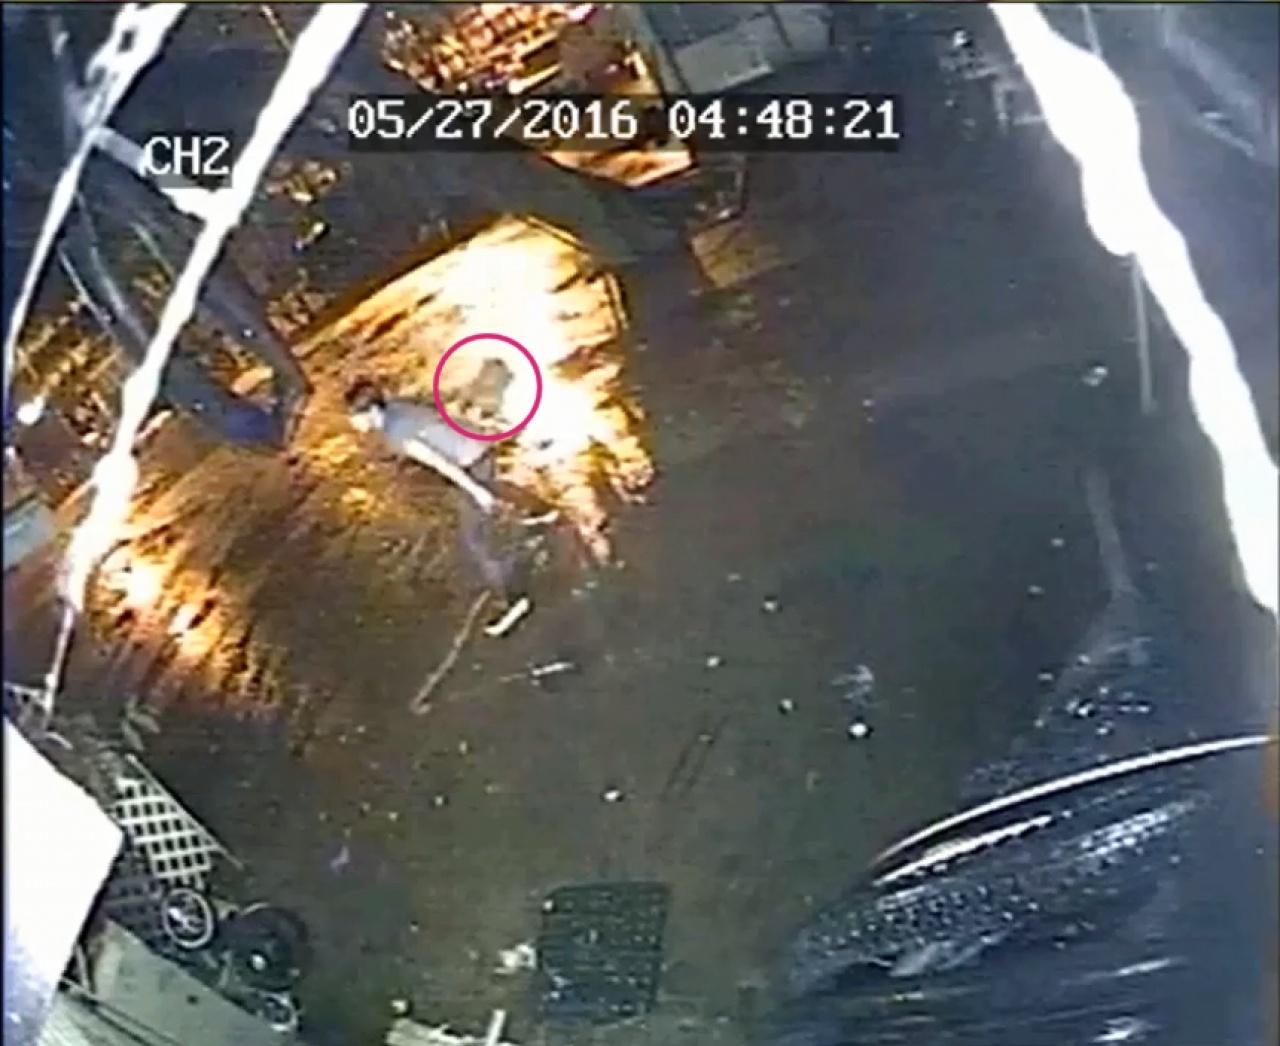 星期五凌晨出現的虐貓男以布將小貓(紅圈示)包起,再拋上簷篷。(閉路電視片段截圖)